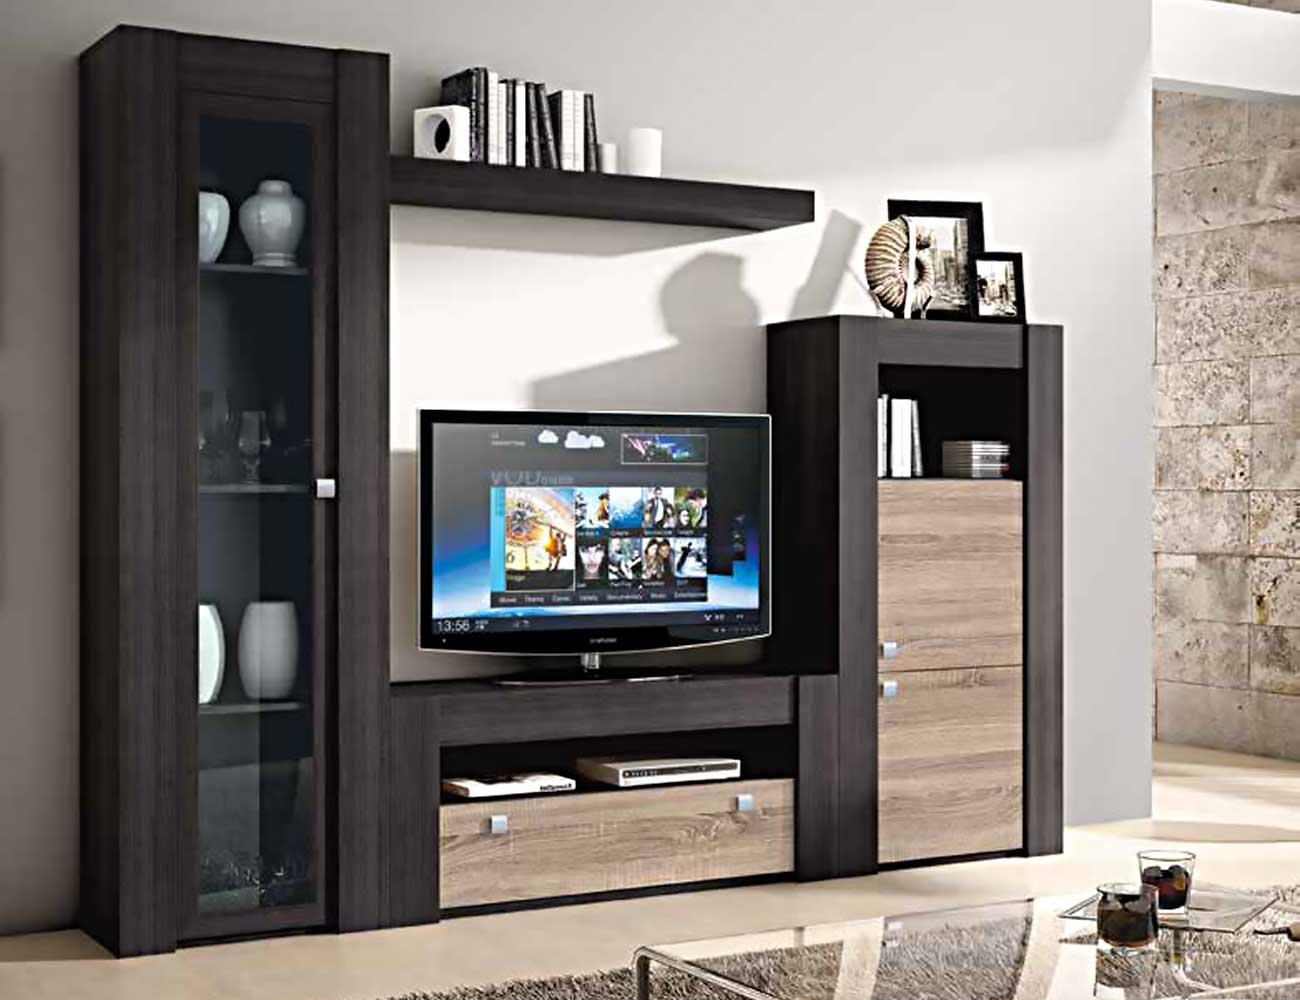 Mueble de sal n modular moderno en ceniza cambrian 2283 for Mueble moderno salon